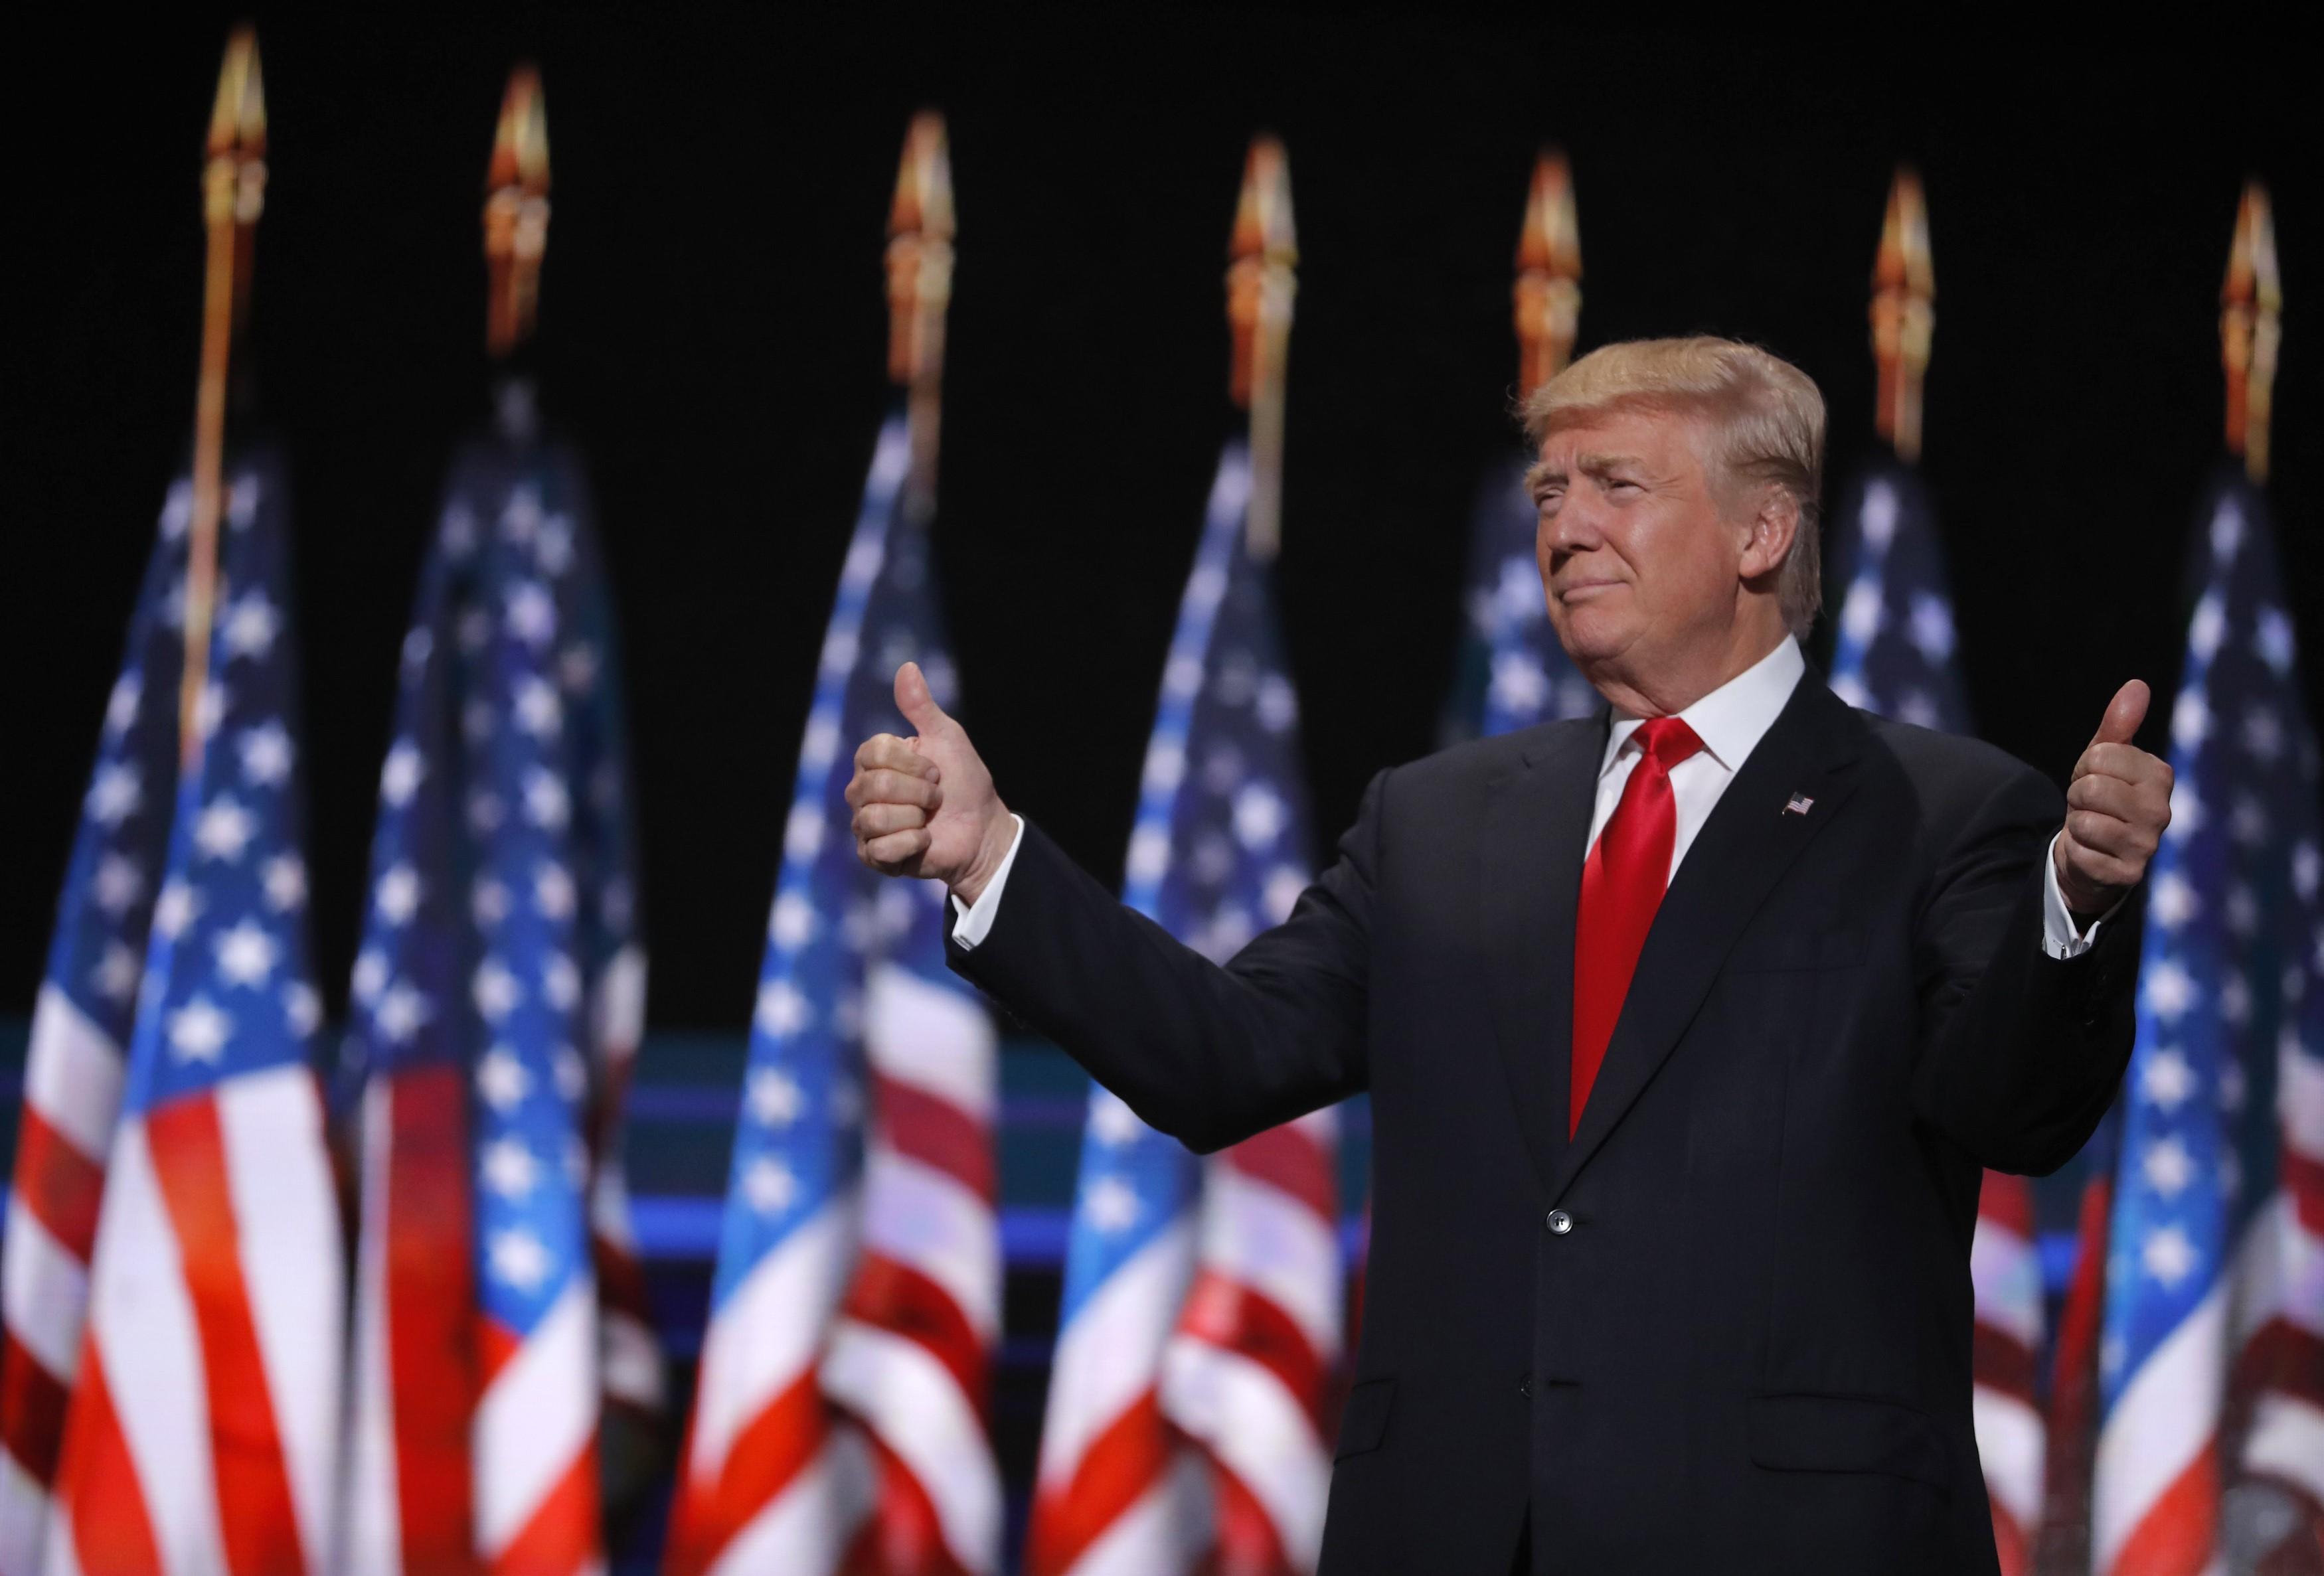 2016年7月21日,美國共和黨全國代表大會上,特朗普豎起拇指。